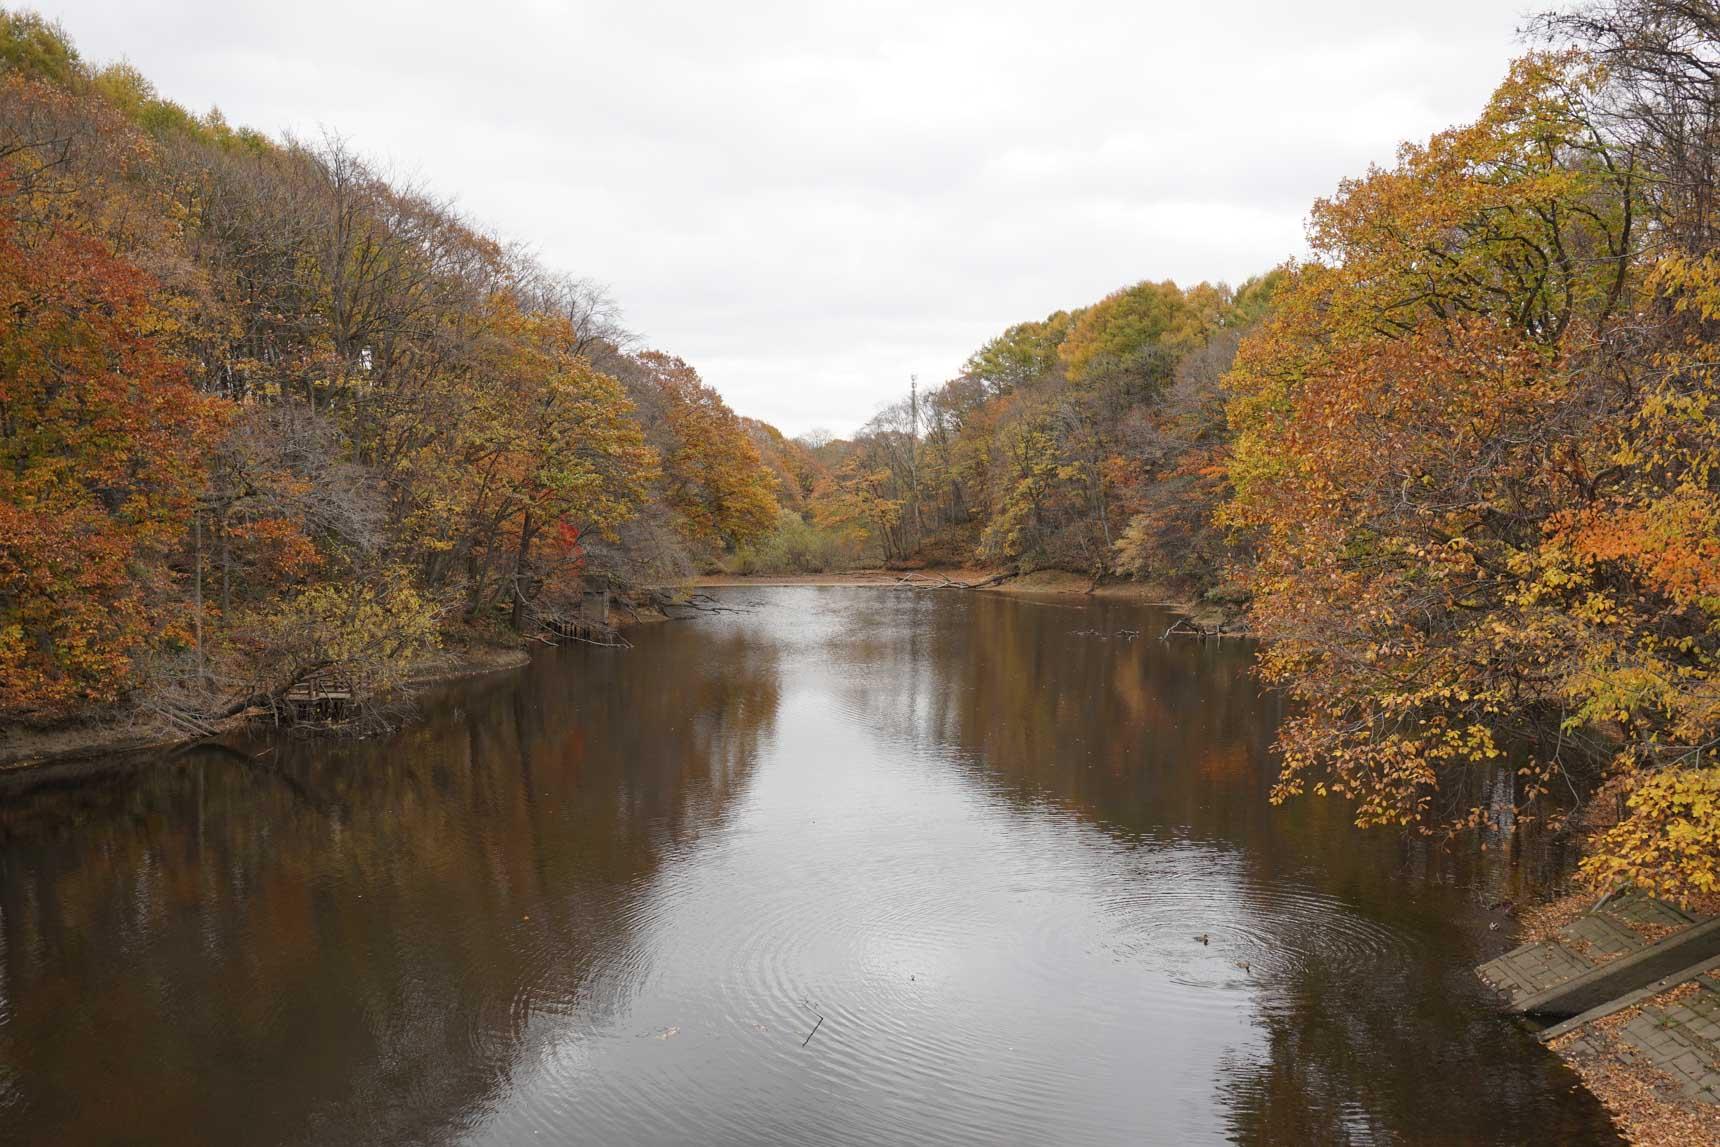 駅の北側すぐにある「大麻中央公園」。ちょうど紅葉の季節で木々が美しく色づき、空気が澄んで美味しく感じられました。